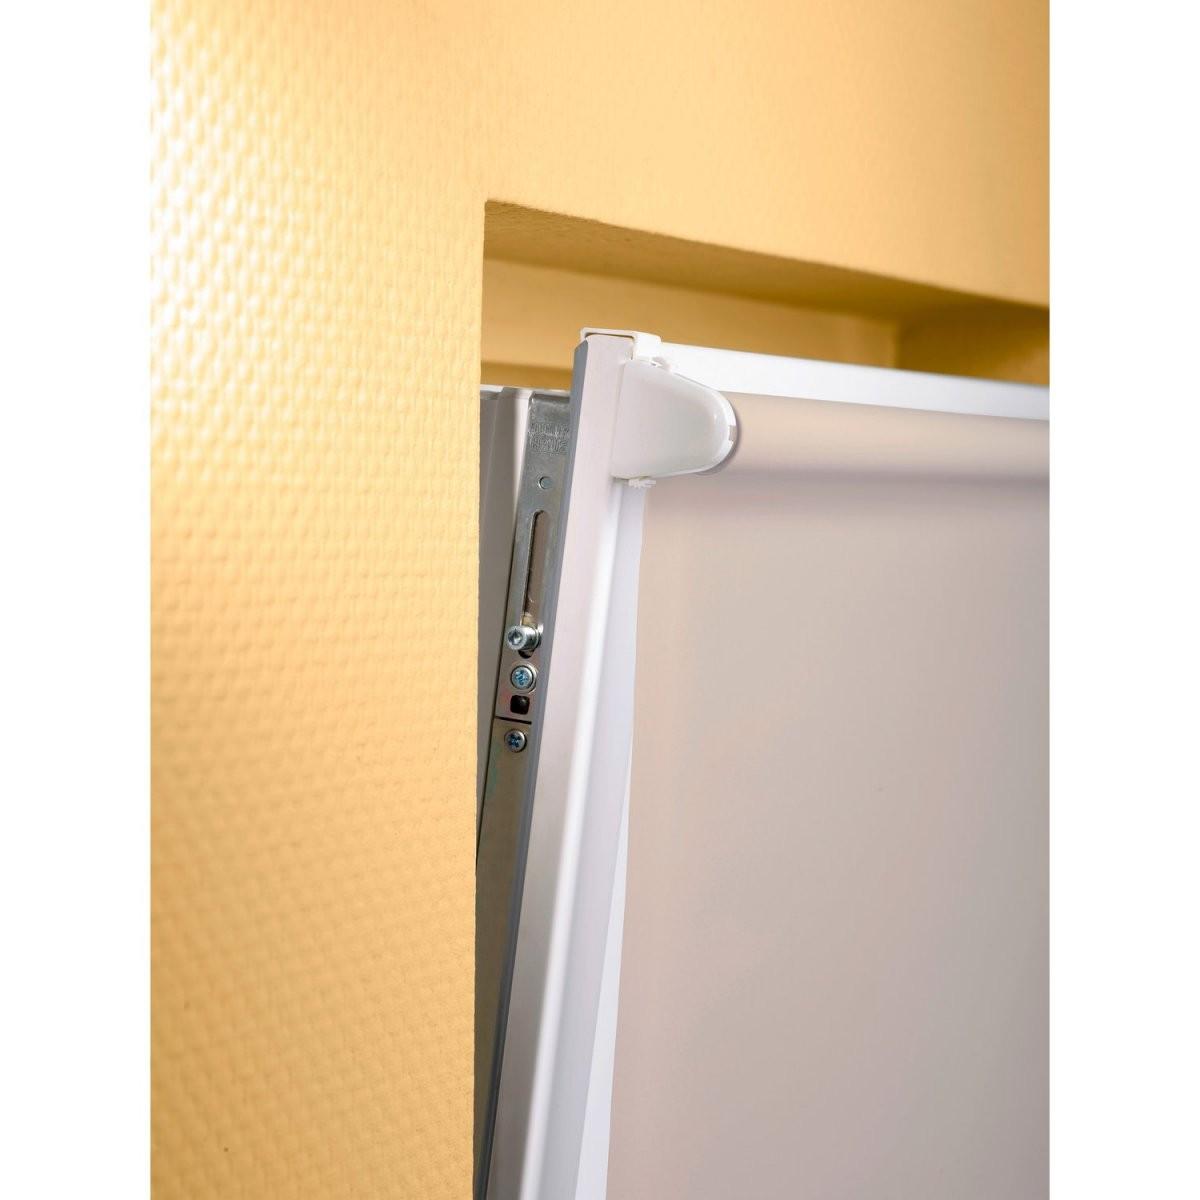 Obi Sonnenschutzrollo Sagunto 45 Cm X 175 Cm Taupe Kaufen Bei Obi von Obi Rollos Ohne Bohren Photo